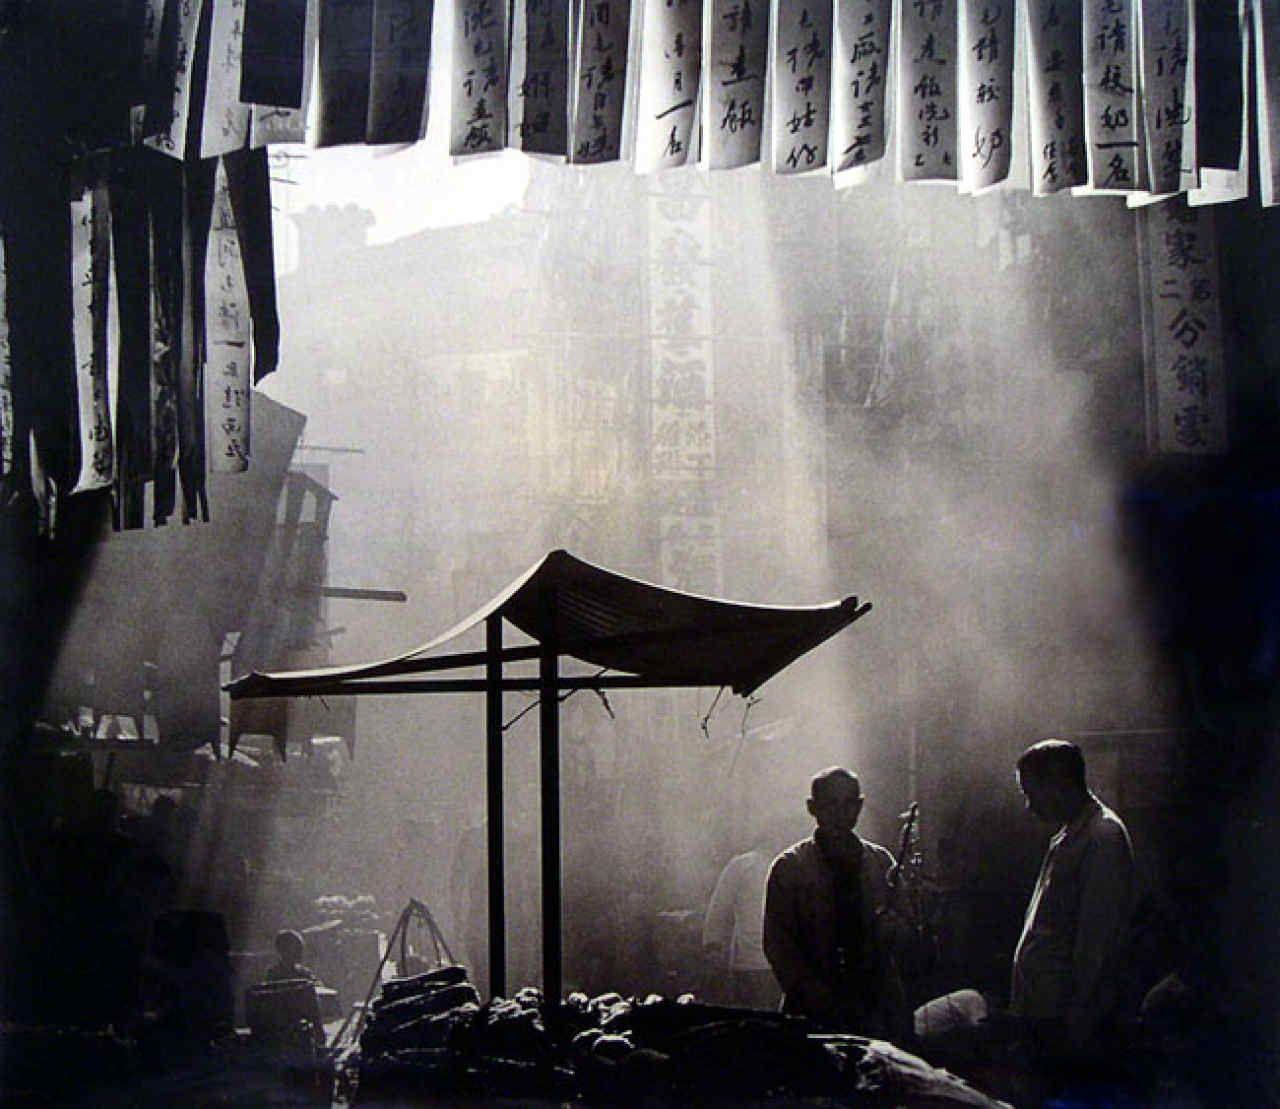 Hong Kong Yesterday By Fan Ho Fan Ho Eerie Photography Street